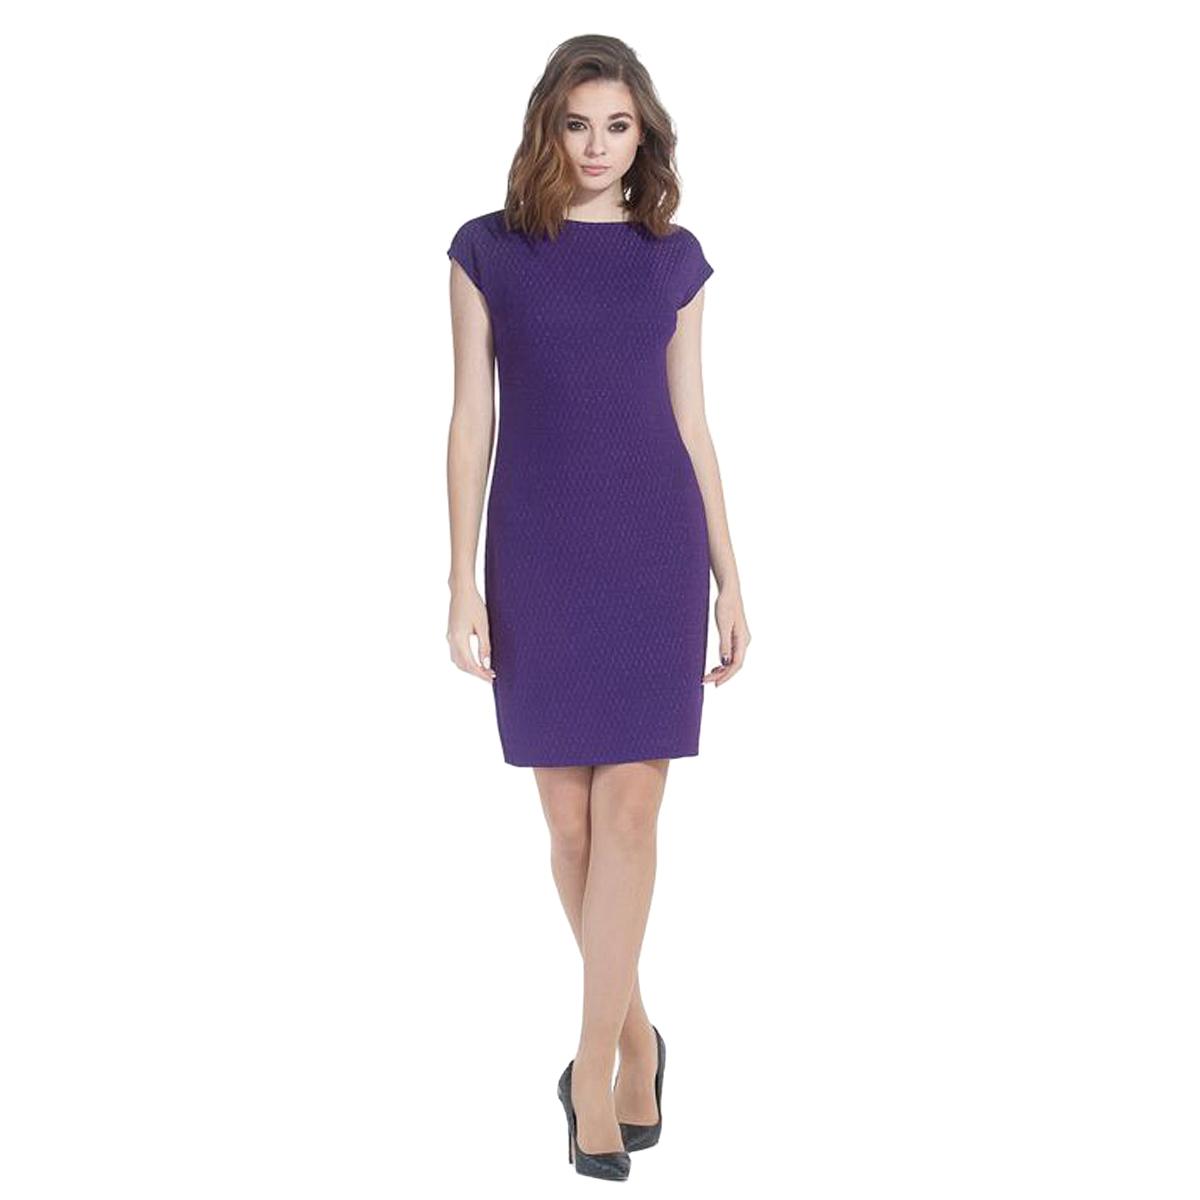 Платье KISLIS, 7530 УС цена